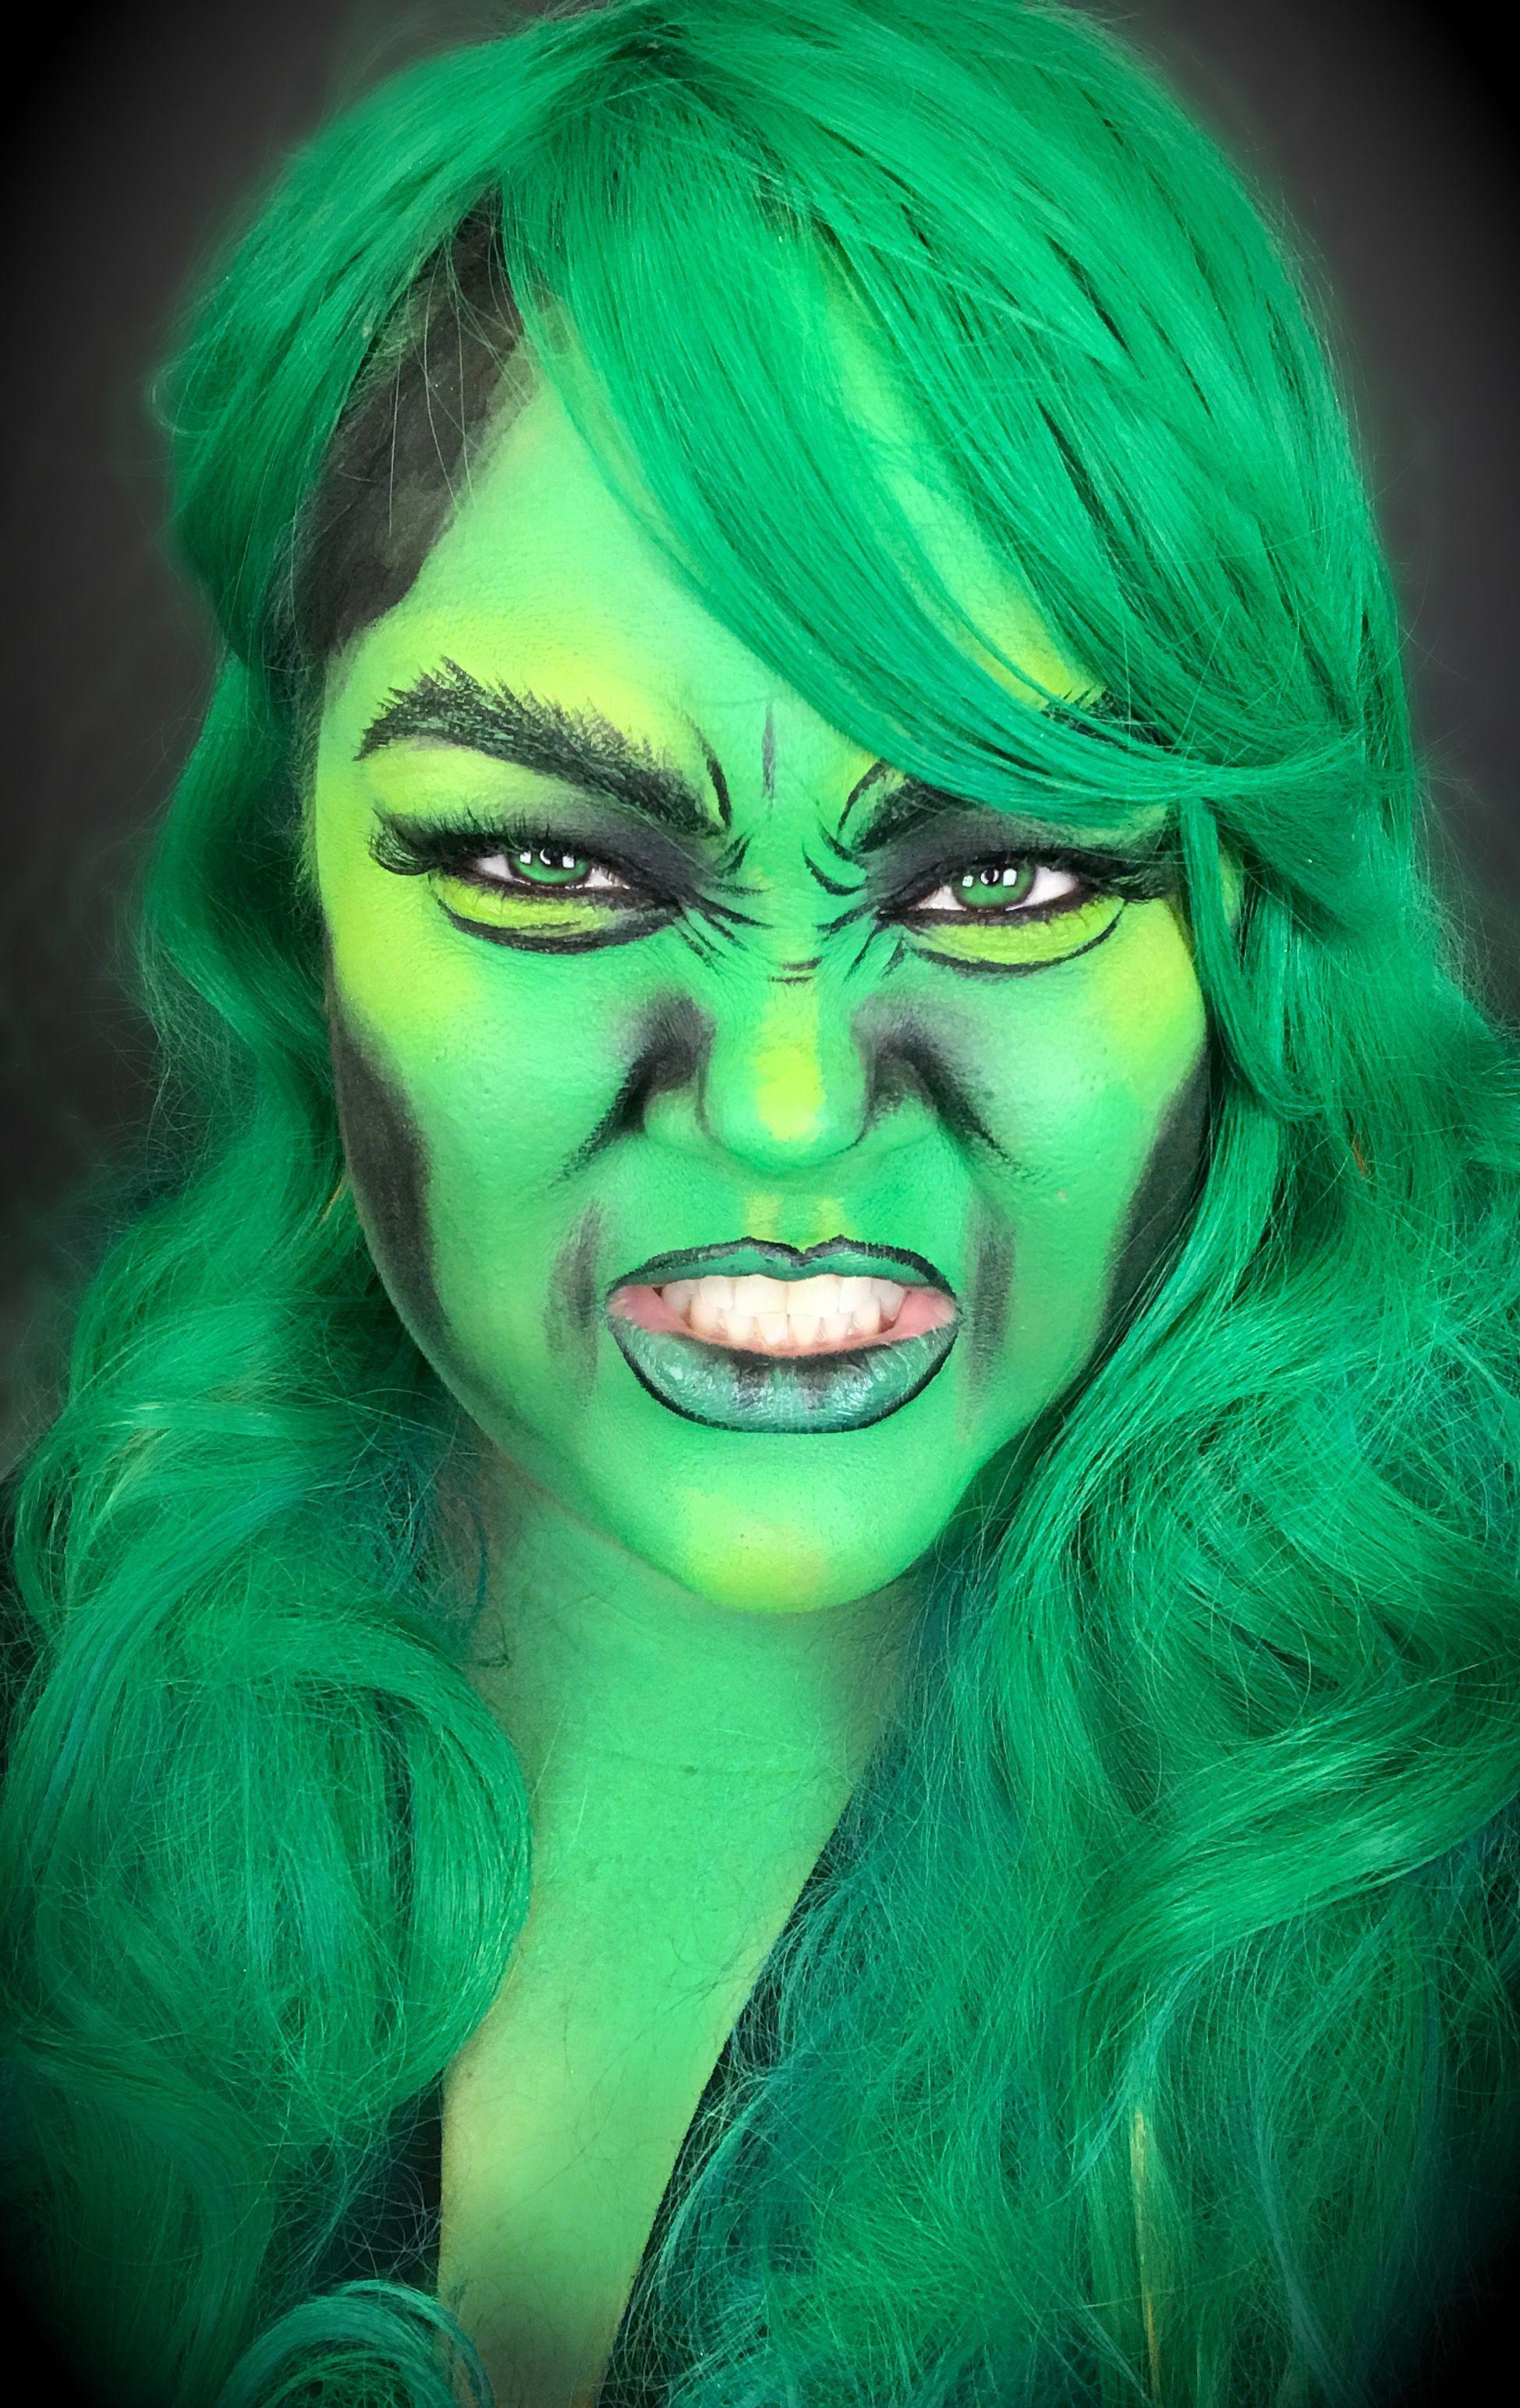 Hulksmash Makeup Facepaintingmakeup Beautyaddicts Faceandbodypainting Superheros Facepainting Hulk Hulk Face Painting Superhero Pop Art Pop Art Makeup